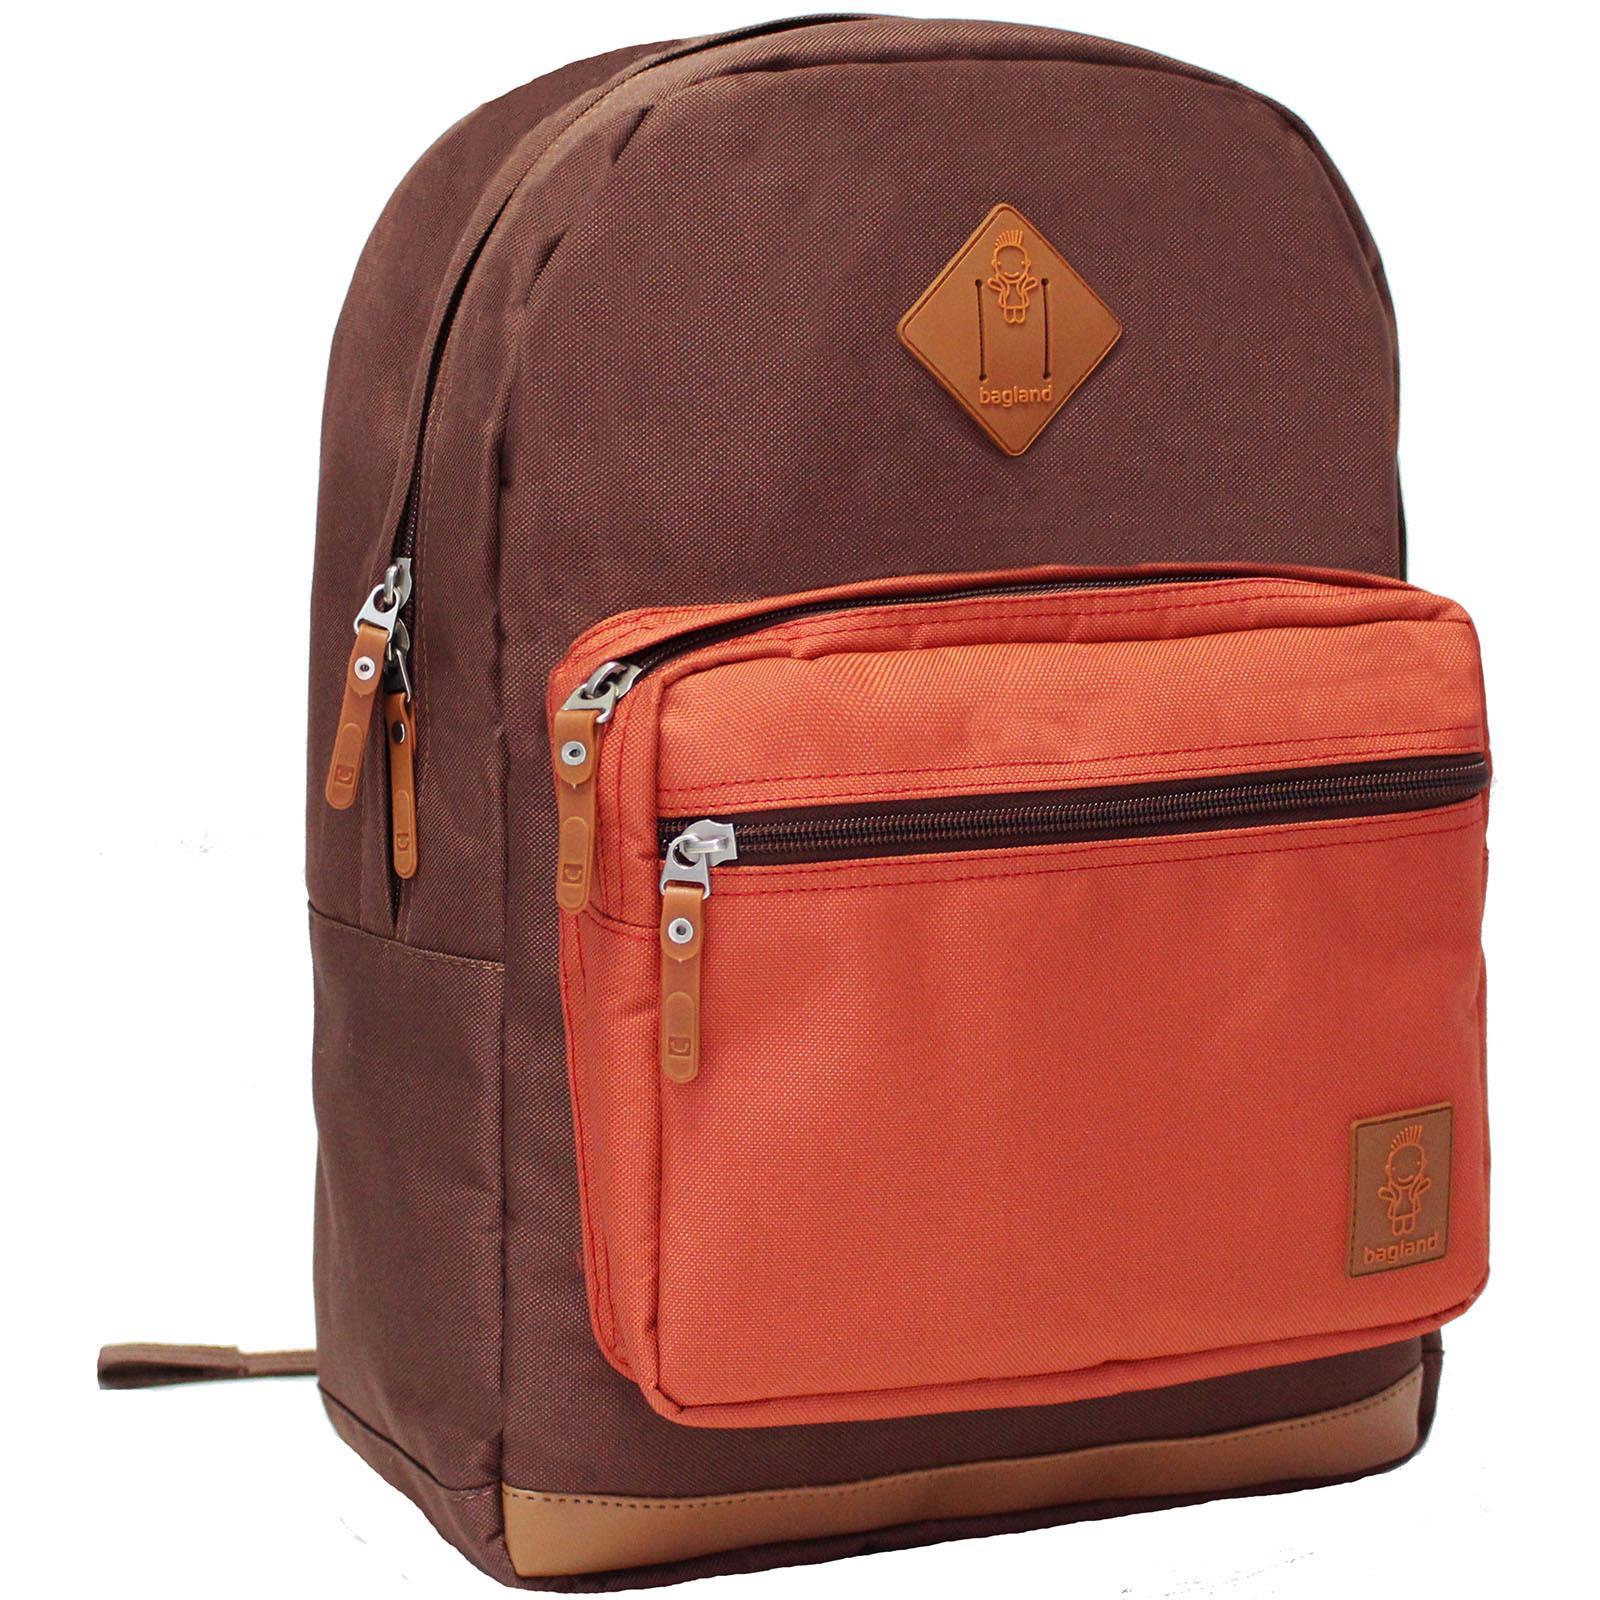 Рюкзаки для ноутбука Рюкзак для ноутбука Bagland Zanetti 16 л. коричневий/кирпич (0011766) IMG_1595.JPG